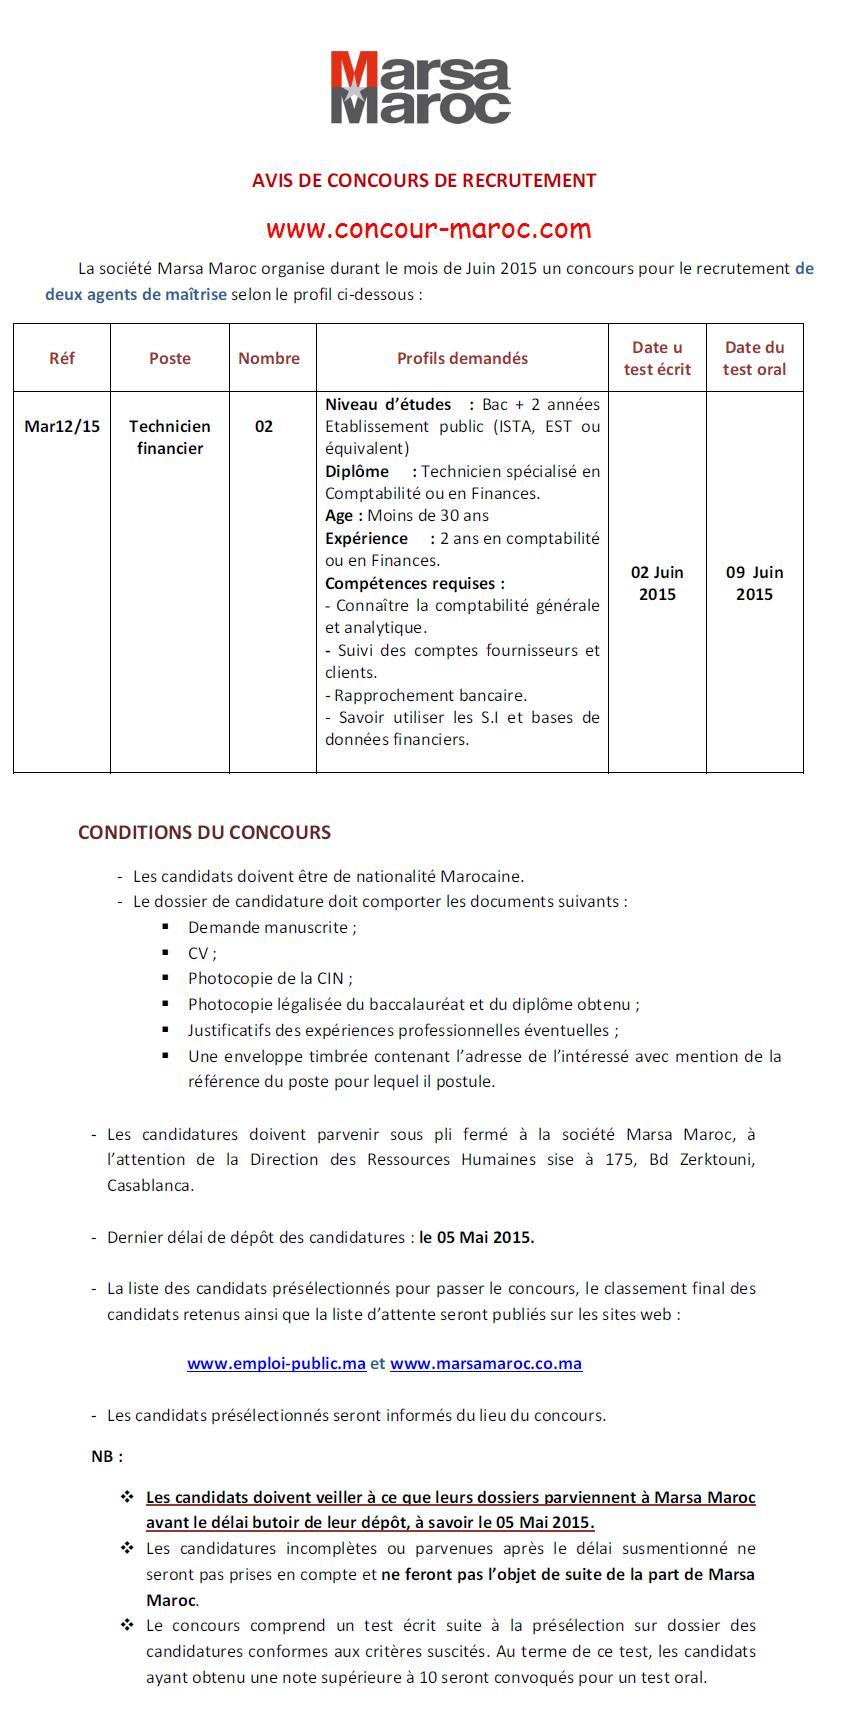 شركة استغلال المونئ (مرسى ماروك) : مباراة لتوظيف تقني مالي (2 منصبان) و تقني شبكة الإعلاميات (2 منصبان) آخر أجل لإيداع الترشيحات 5 ماي 2015  Concou73